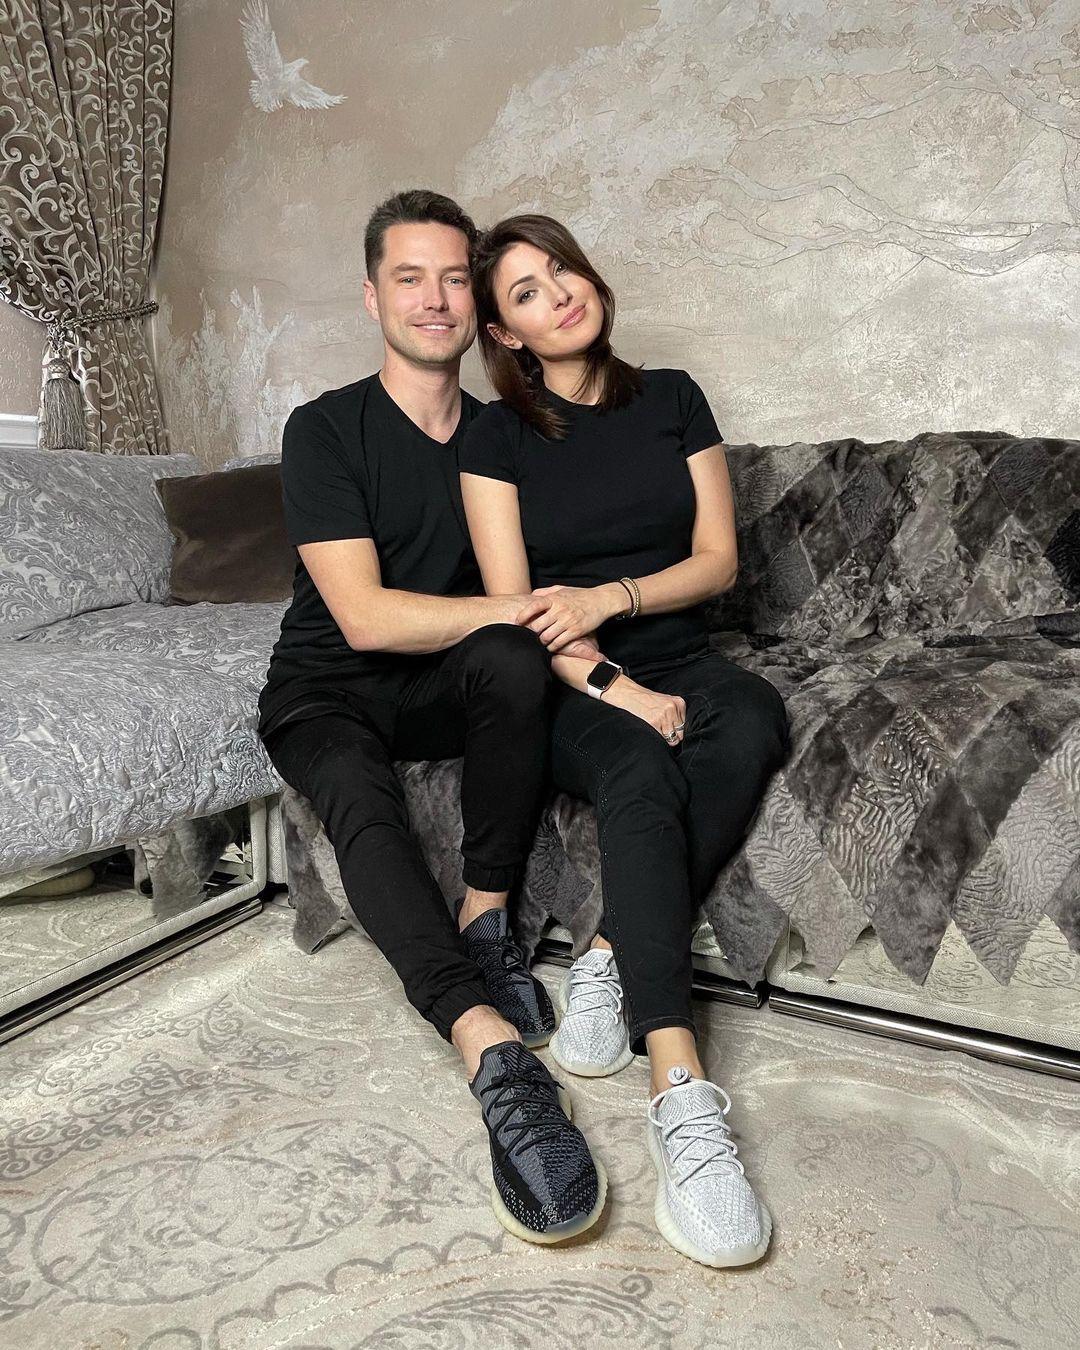 Анастасия Макеева объяснила, почему начала отношения с новым избранником, зная о его жене и четверых детях